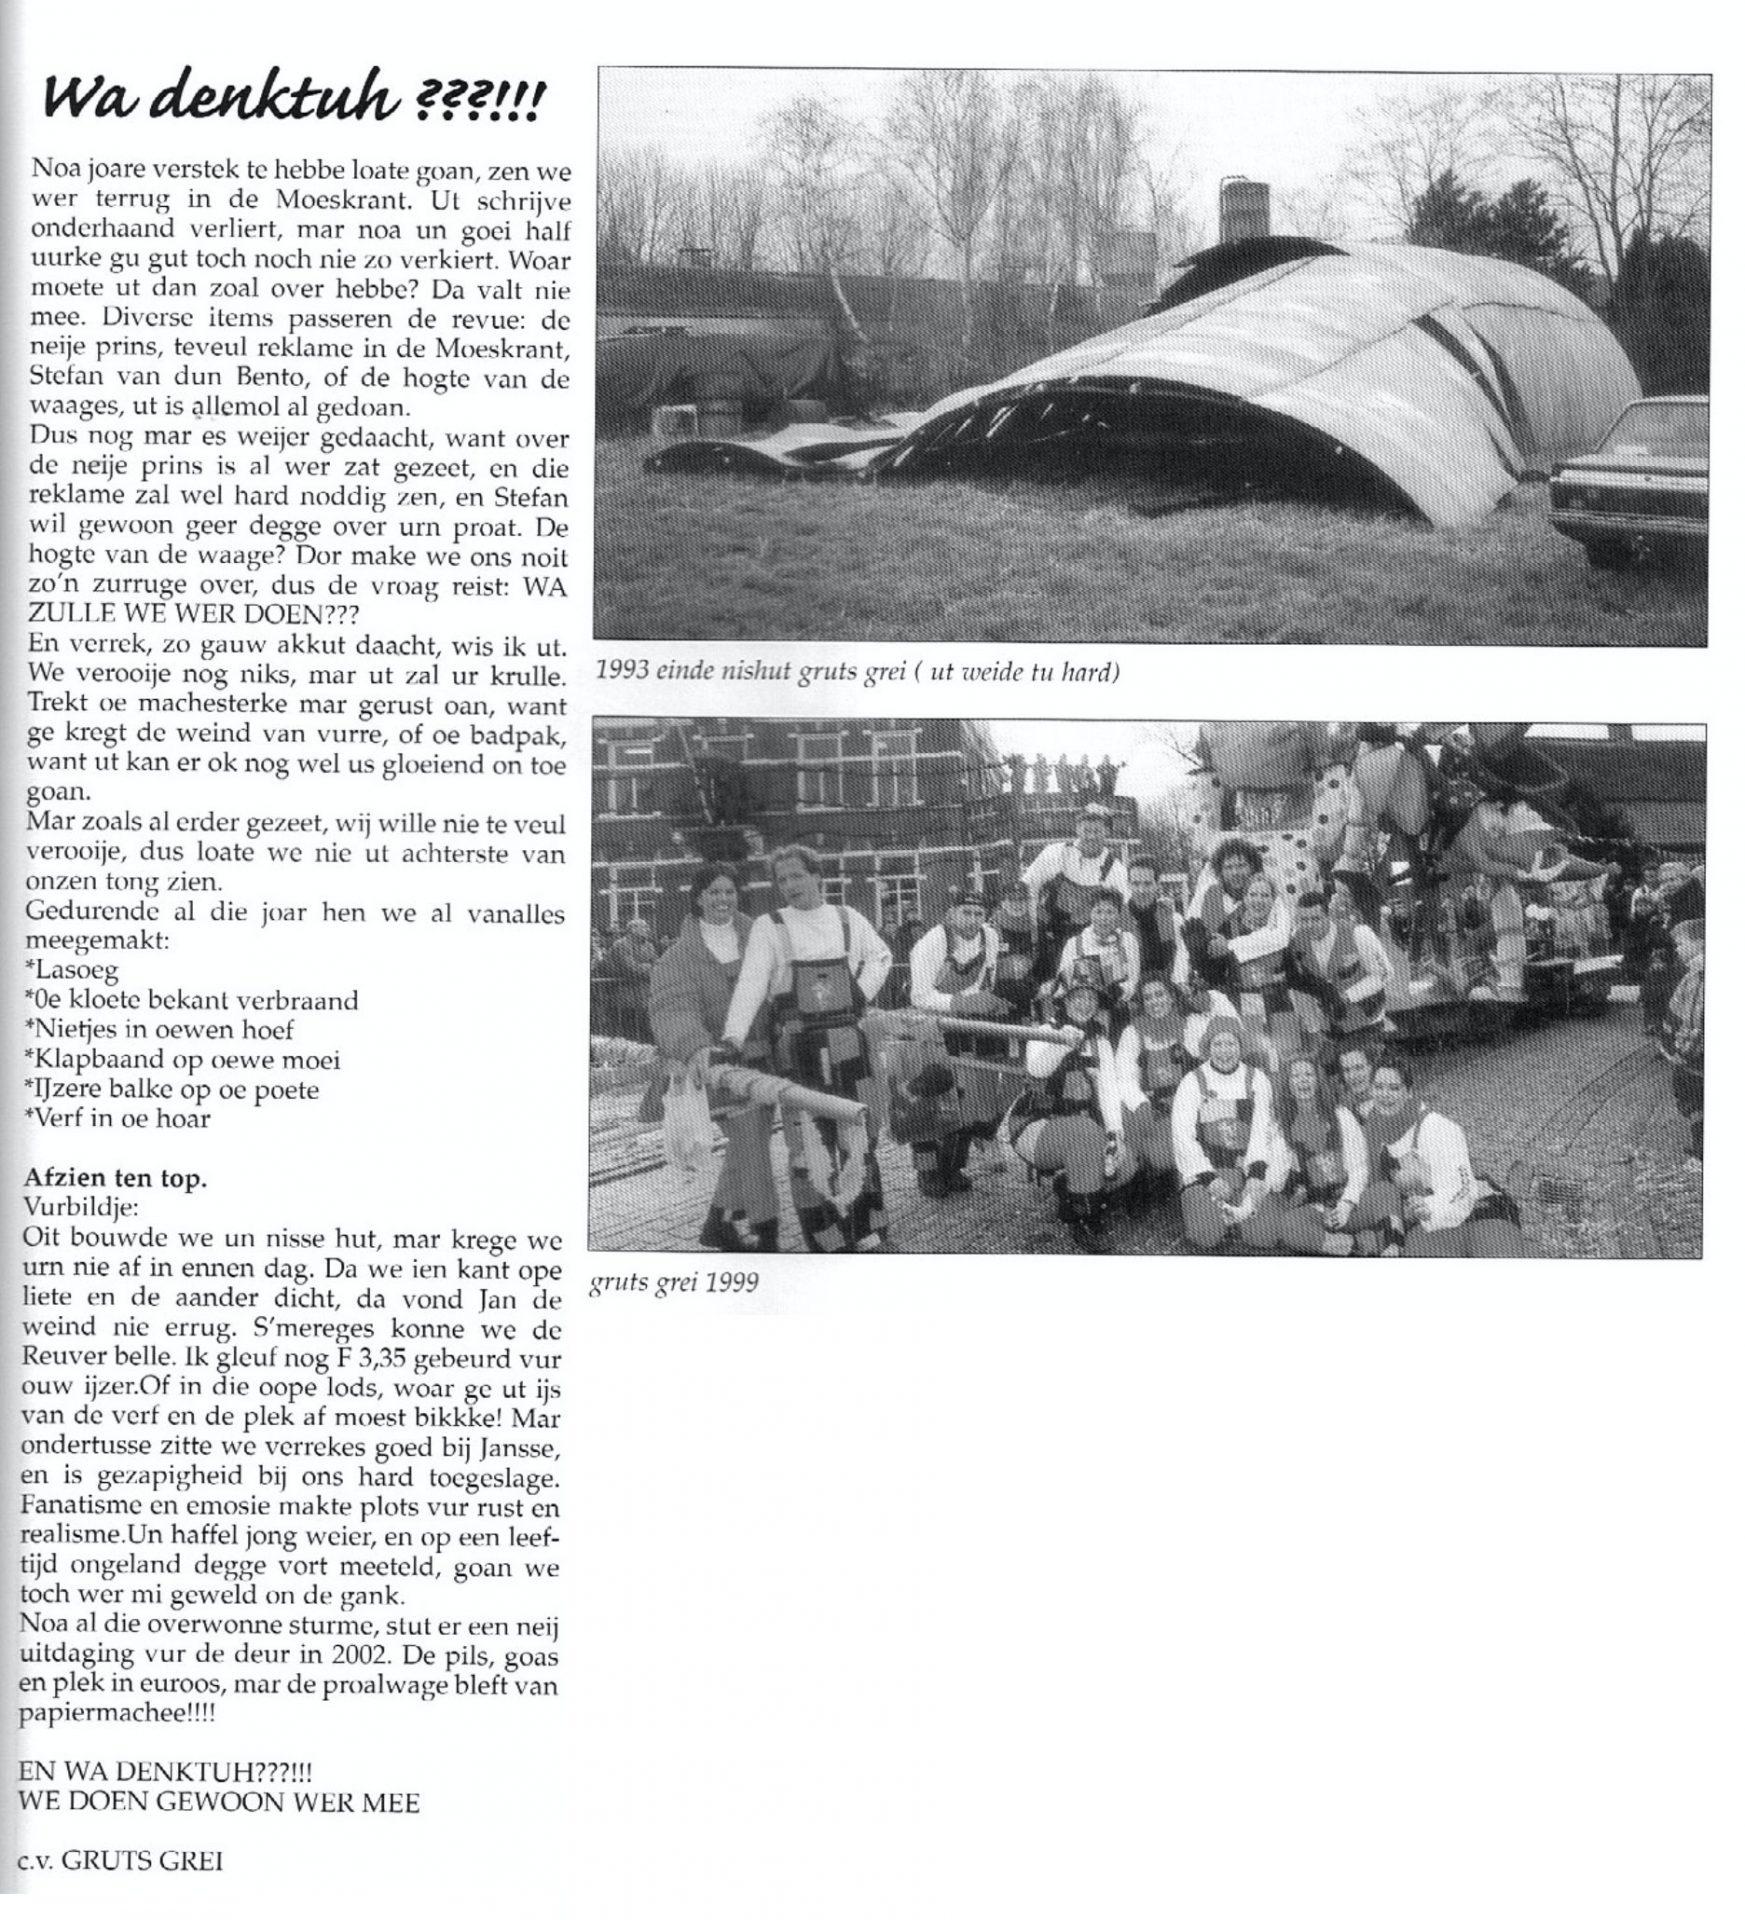 Stukje uit de carnavalskrant van Gruts Grei - 2002